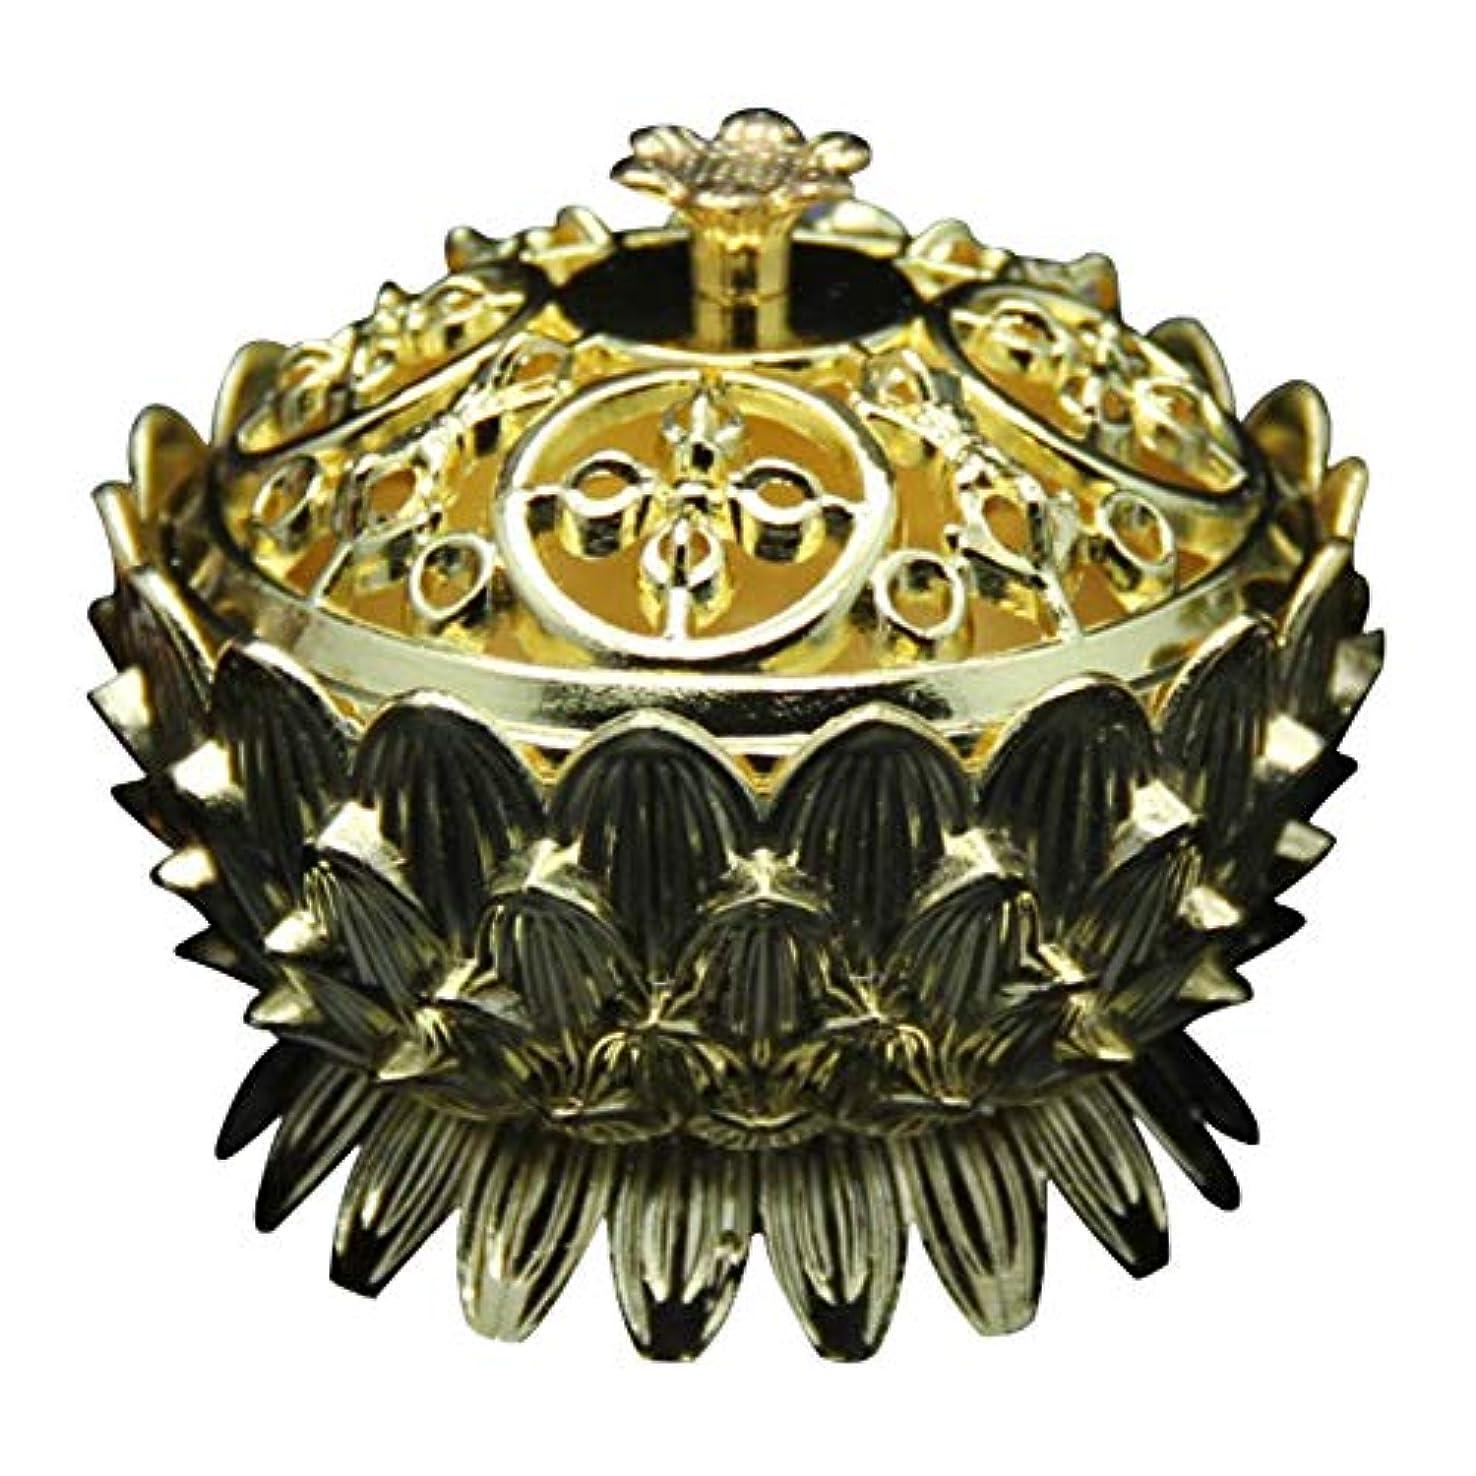 建築レモン者Retro Zinc Copper Alloy Bronze Incense Burner Home Decor Mini Lotus Tibet Incense Burner Holder Fit for Stick...